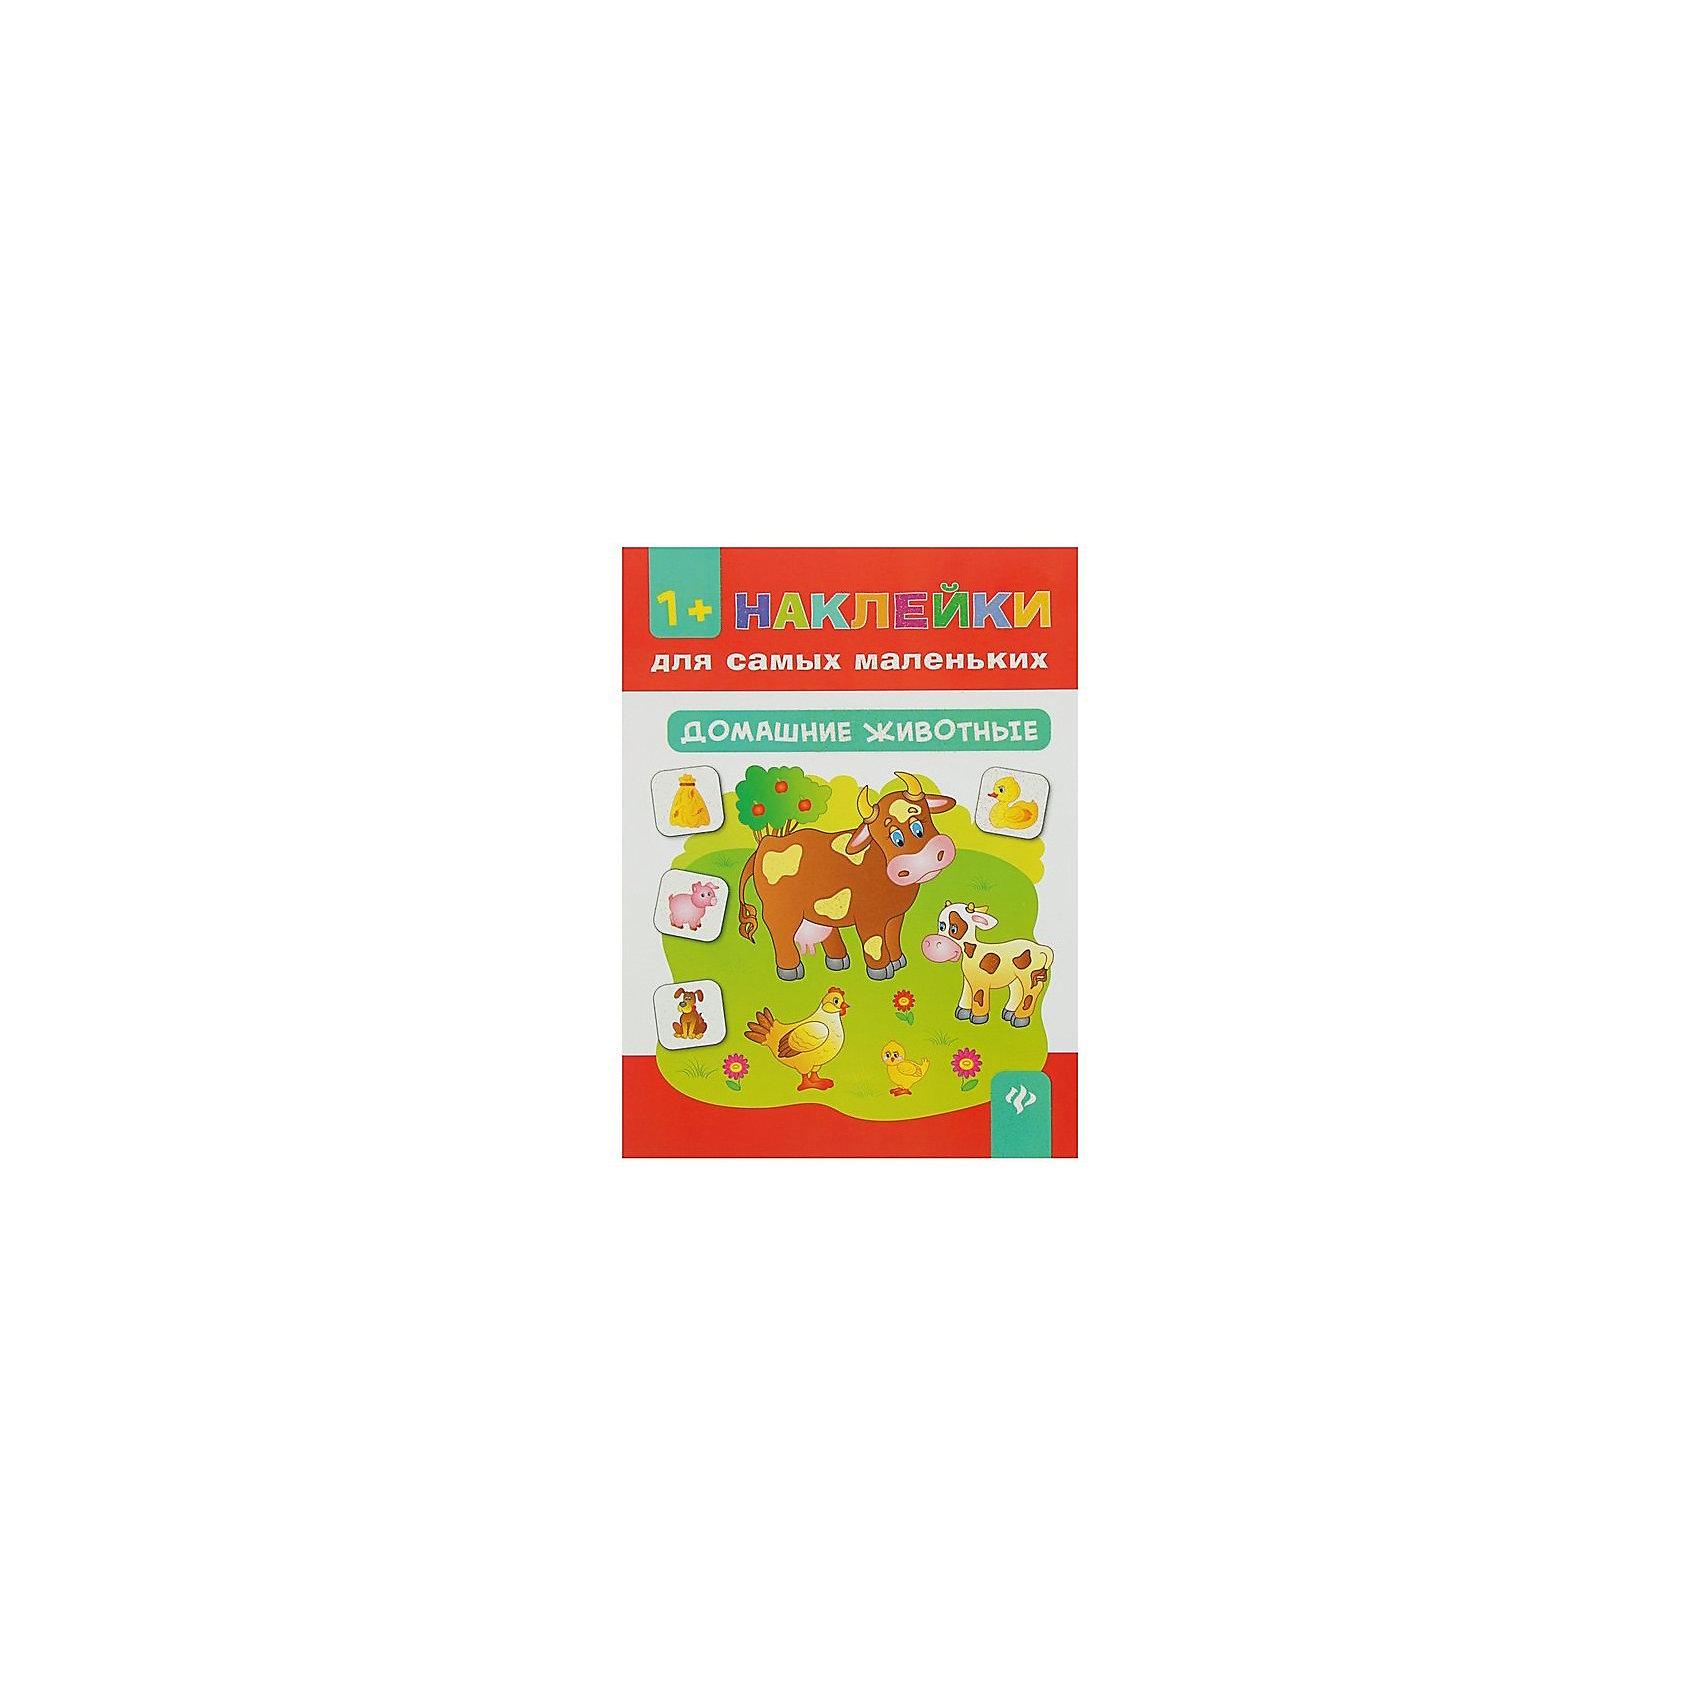 Комплект наклеек Дикие + домашние животныеКнижки с наклейками<br>Характеристики:<br><br>• ISBN: 978-5-222-27253-4;<br>• возраст: от 1 года;<br>• формат: 84х108/16;<br>• бумага: мелованная;<br>• тип обложки: мягкий переплет (крепление скрепкой или клеем);<br>• иллюстрации: цветные;<br>• серия: Наклейки для самых маленьких;<br>• издательство: Феникс, 2017 г.;<br>• автор: Смирнова Е.В.;<br>• количество страниц в книге: 8;<br>• размеры книги: 26х20х0,2 см;<br>• масса книги: 64 г.<br><br>В набор «Наклейки для самых маленьких. Дикие + домашние животные» входит 2 книжки: <br><br>• «Дикие животные»;<br>• «Домашние животные».<br><br>Яркие тематические книжки с интересными заданиями развивают логику, мышление, мелкую моторику рук. Пособия предназначены для занятий родителей с малышами. <br><br>Мальчики и девочки познакомятся с животными обитающими в лесу и домашними животными. В каждой книге есть красочные наклейки для выполнения заданий. Издание удобного формата можно взять с собой на отдых.<br><br>Набор книг «Наклейки для самых маленьких. Дикие + домашние животные», Смирнова Е.В., Феникс, можно купить в нашем интернет-магазине.<br><br>Ширина мм: 260<br>Глубина мм: 200<br>Высота мм: 30<br>Вес г: 360<br>Возраст от месяцев: 12<br>Возраст до месяцев: 2147483647<br>Пол: Унисекс<br>Возраст: Детский<br>SKU: 6873667